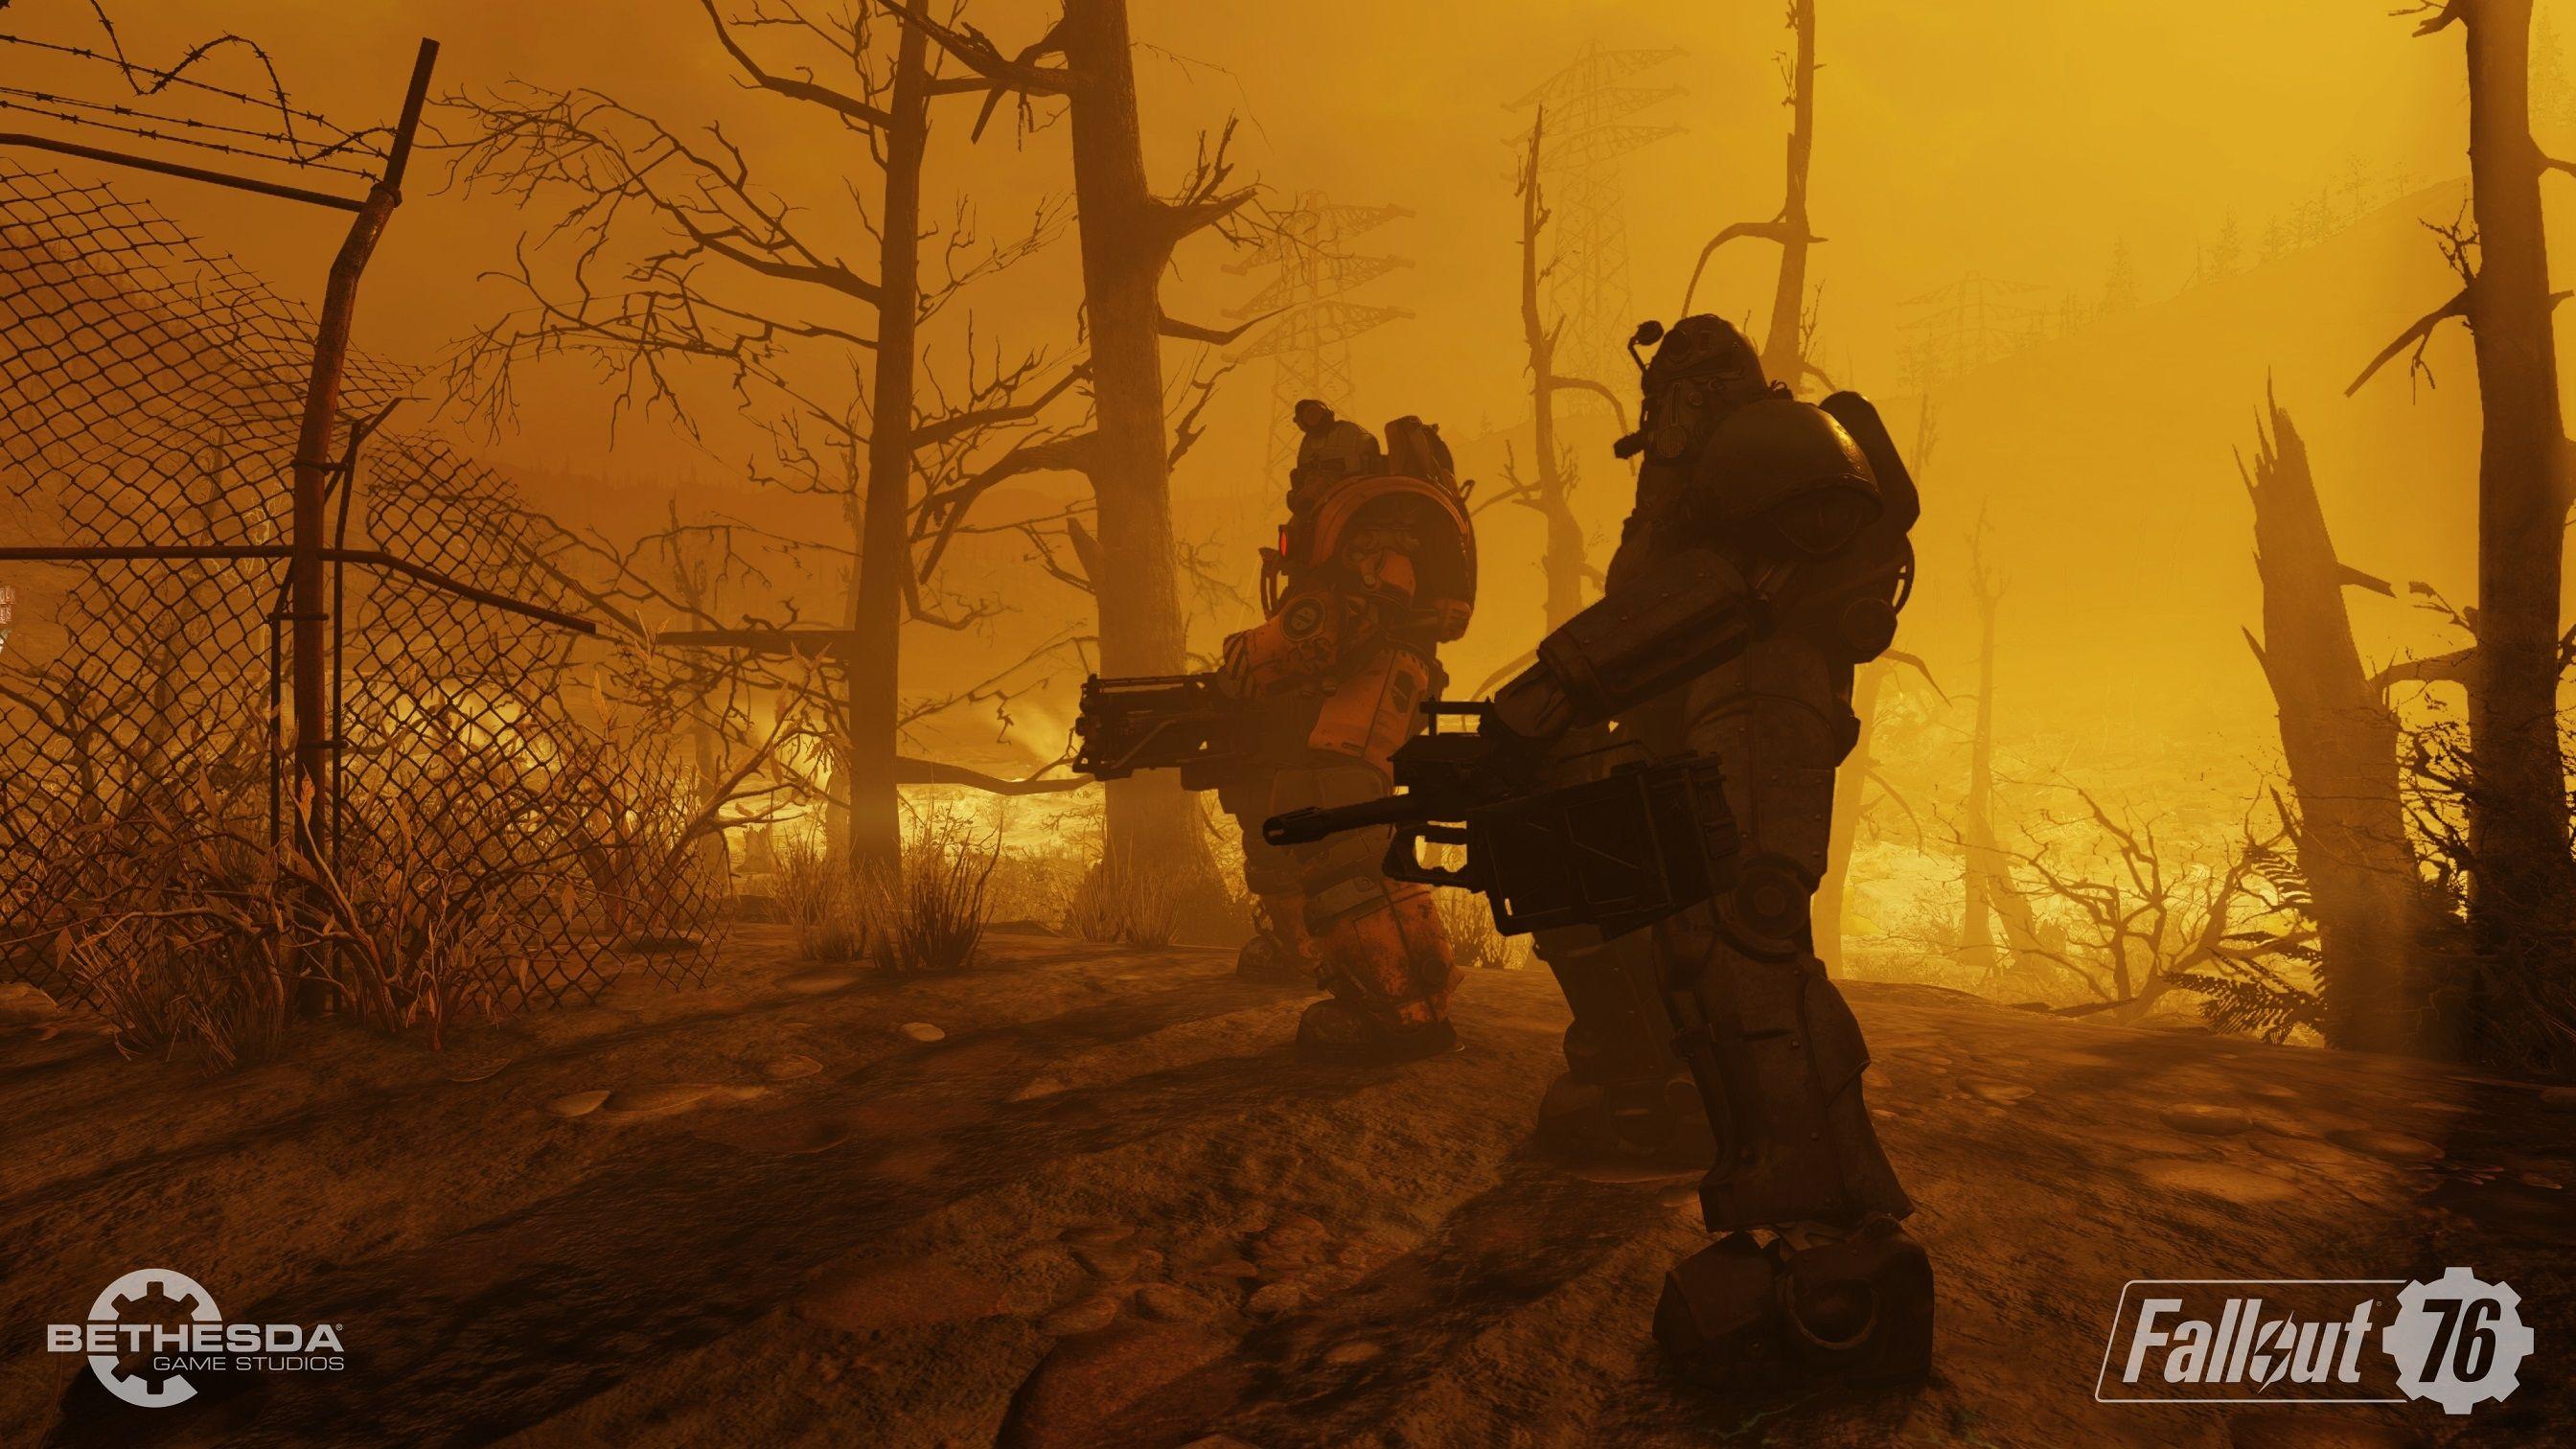 Fallout 76 (PC) - 10